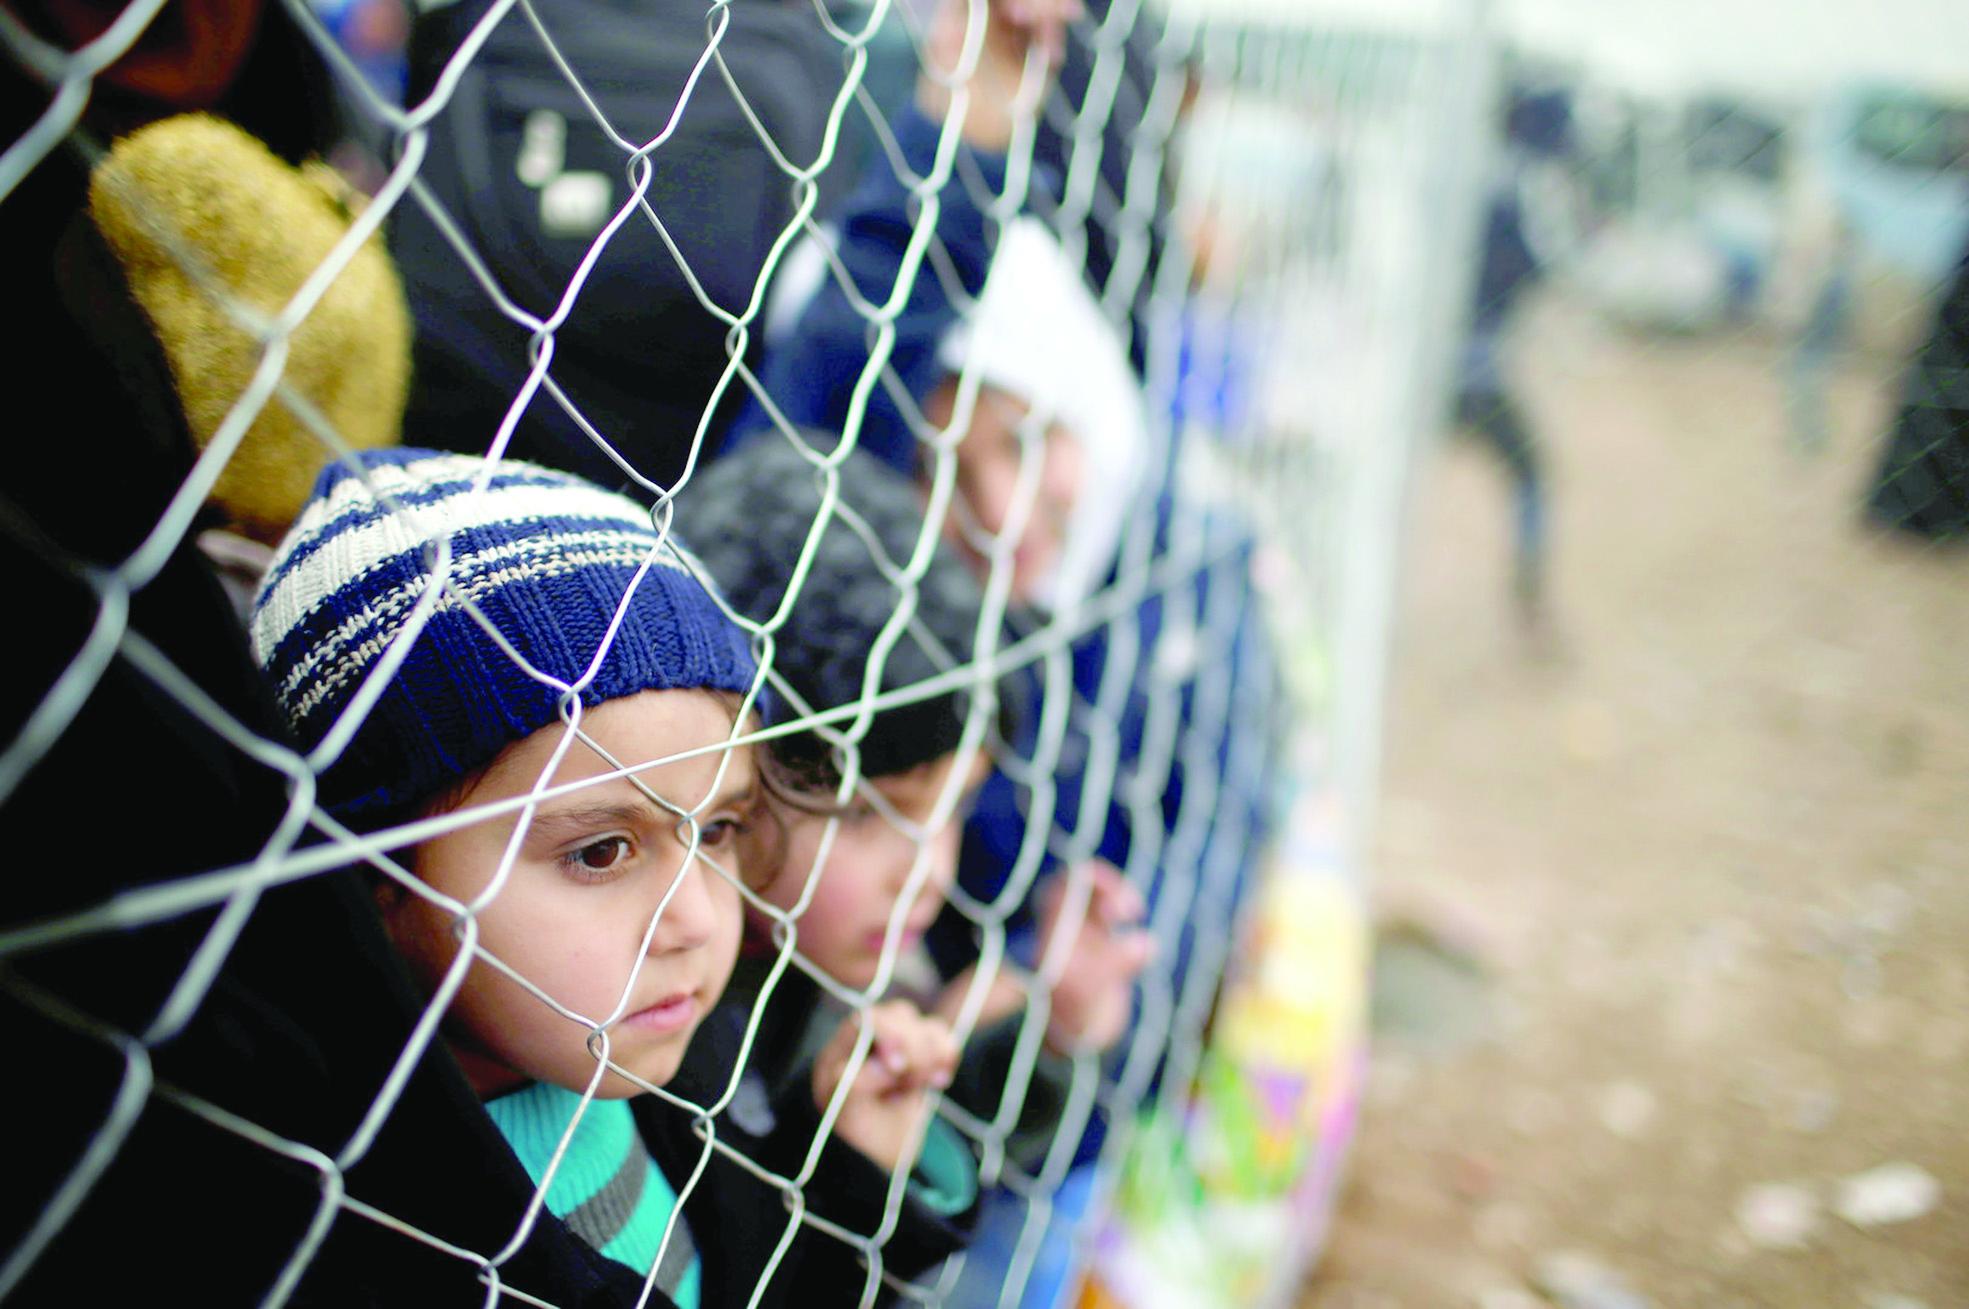 الأطفال..قنبلة موقوتة لمرحلة ما بعد التحرير «الوشيك»هل يظل شبح داعش يطارد الموصل؟